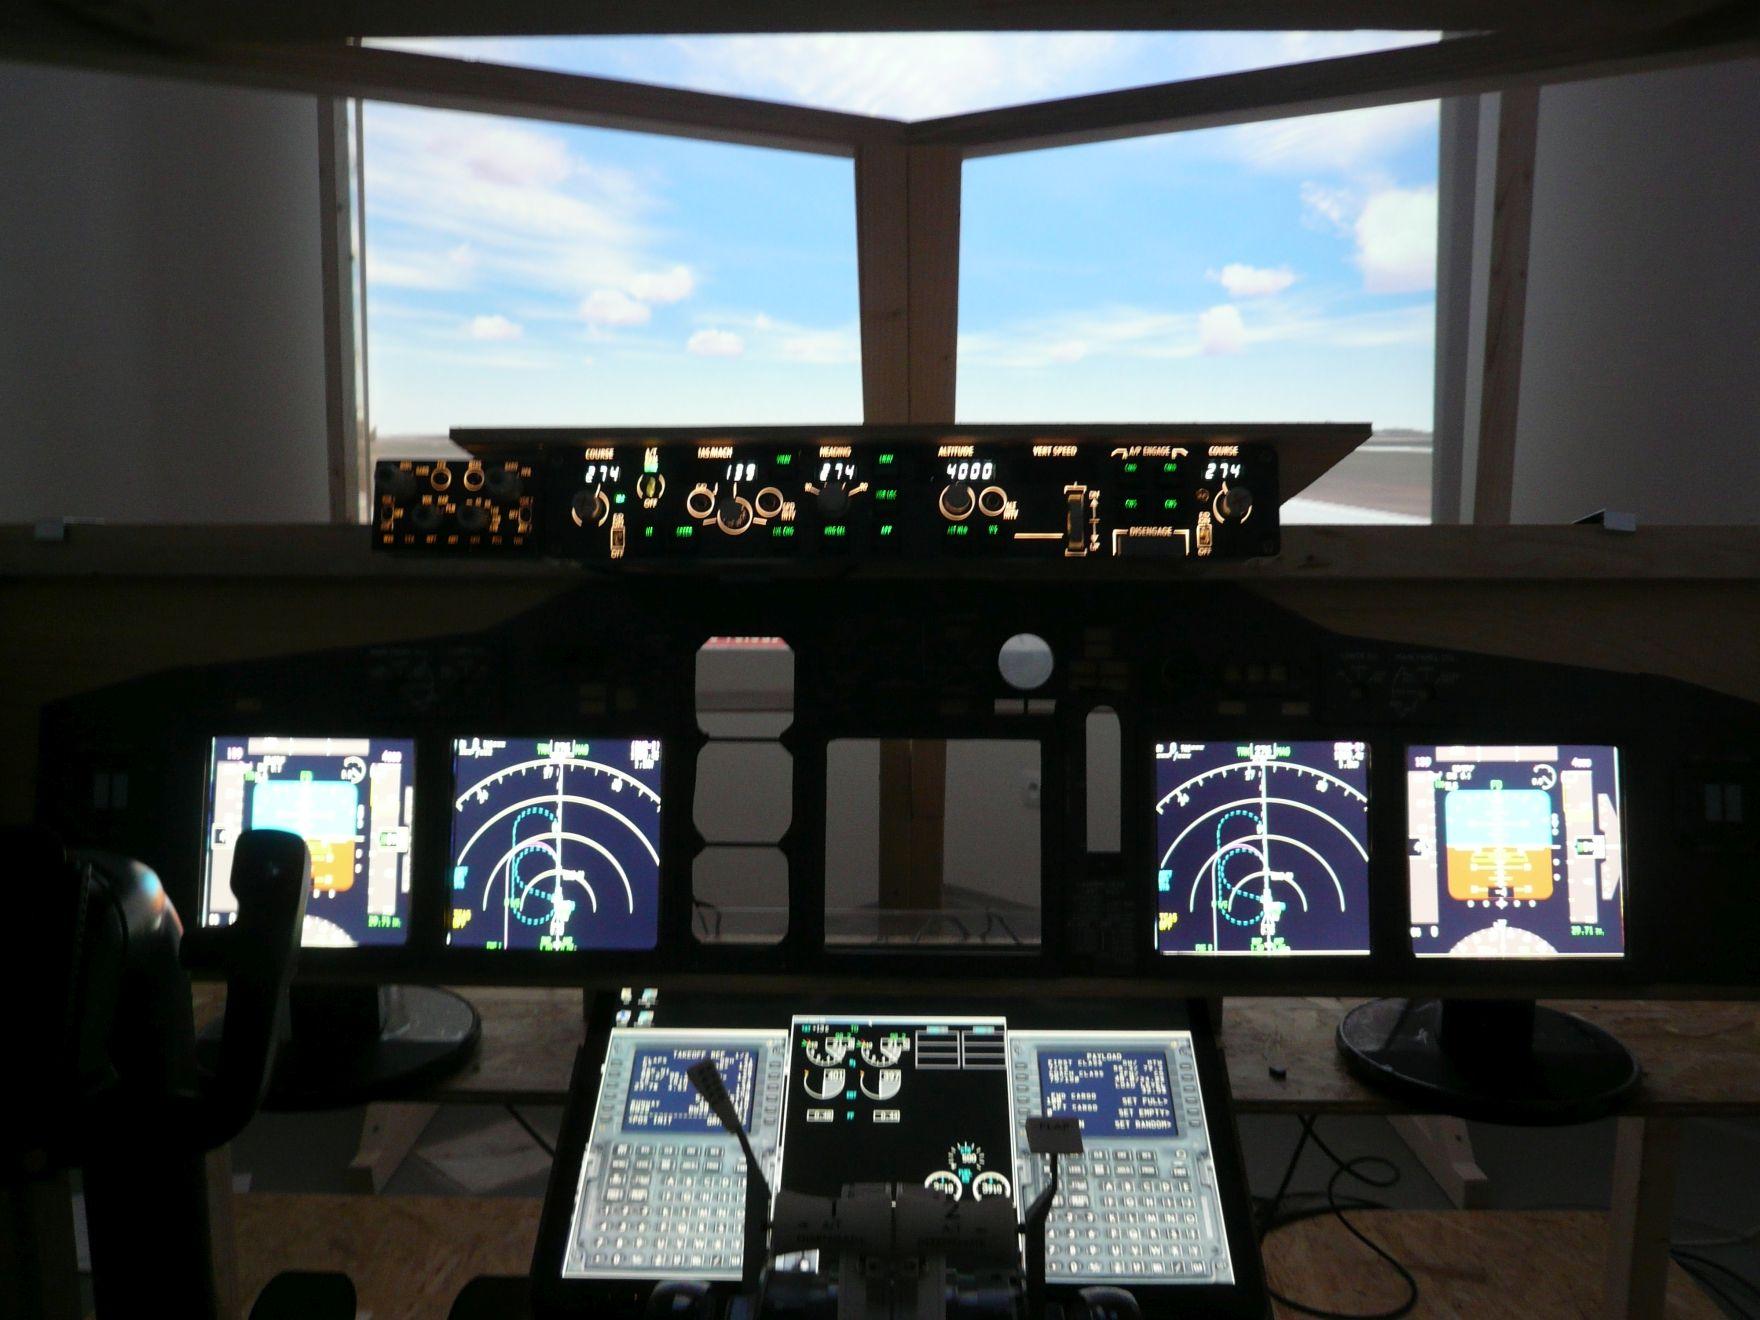 AirWine_letecký simulátor_stavba